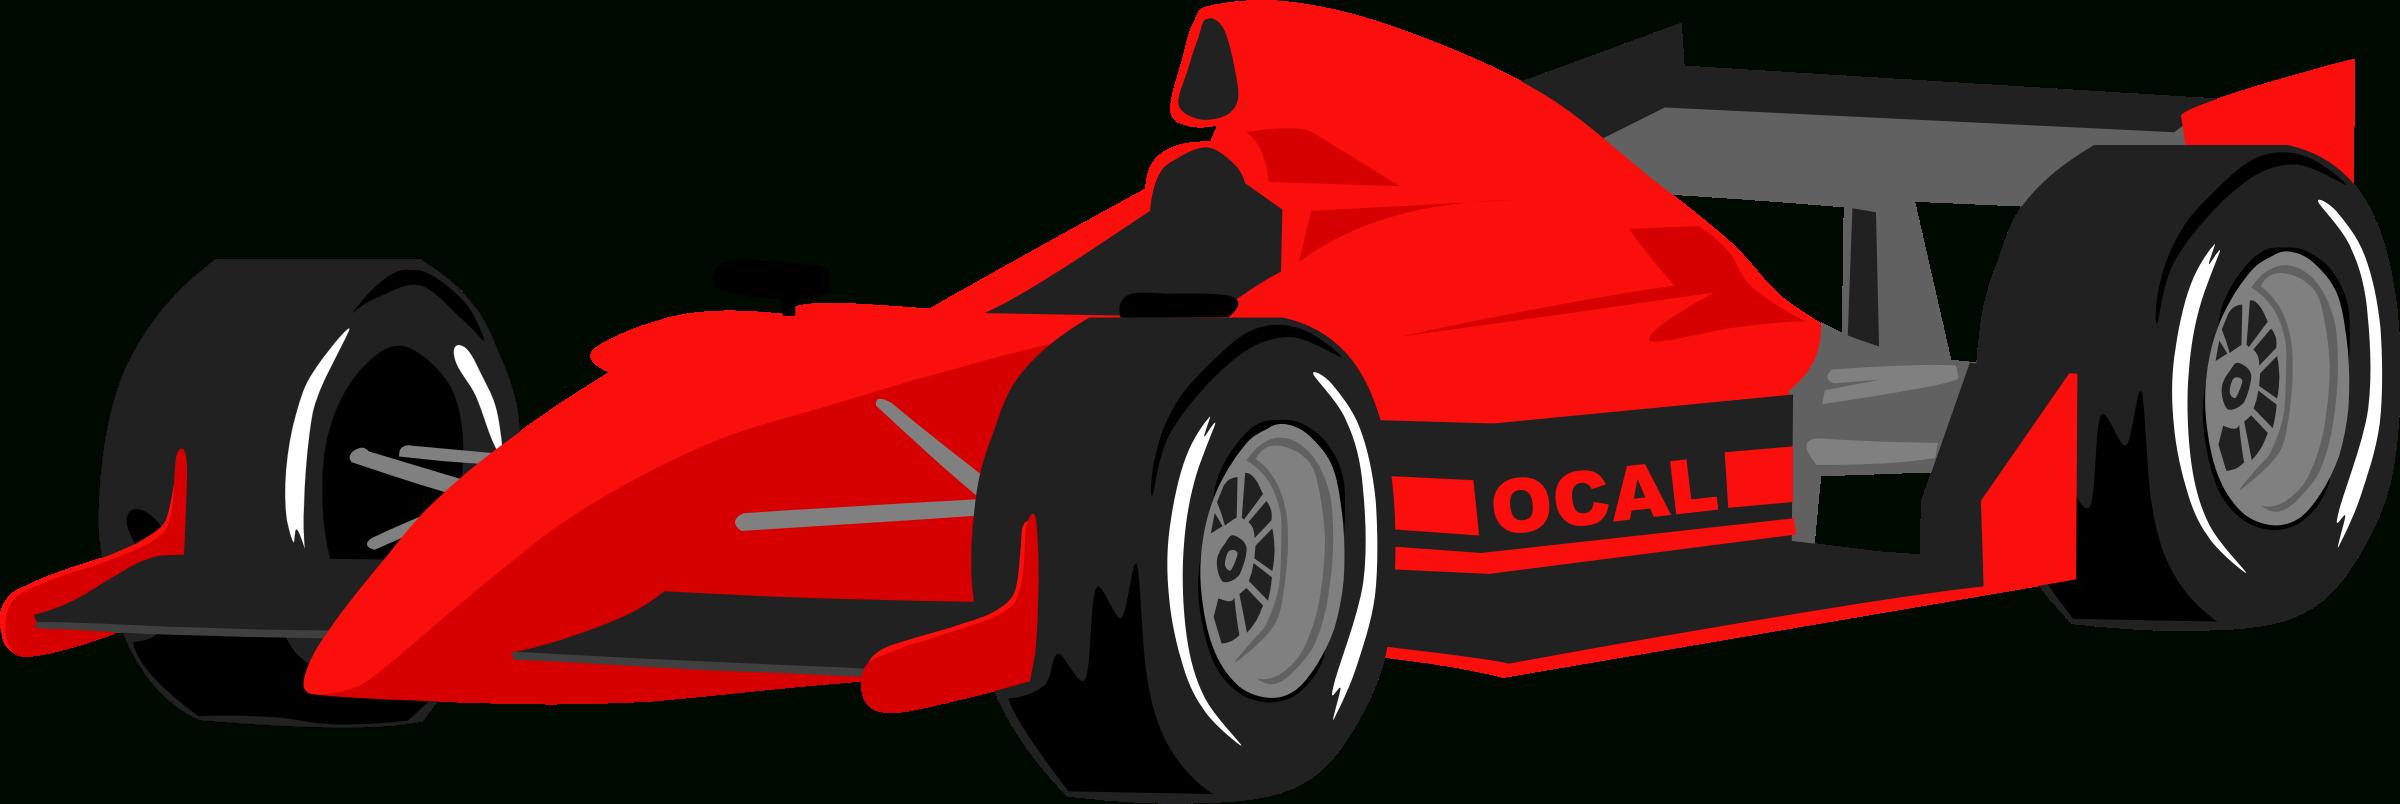 Trend animated race cars. Nascar clipart f1 car